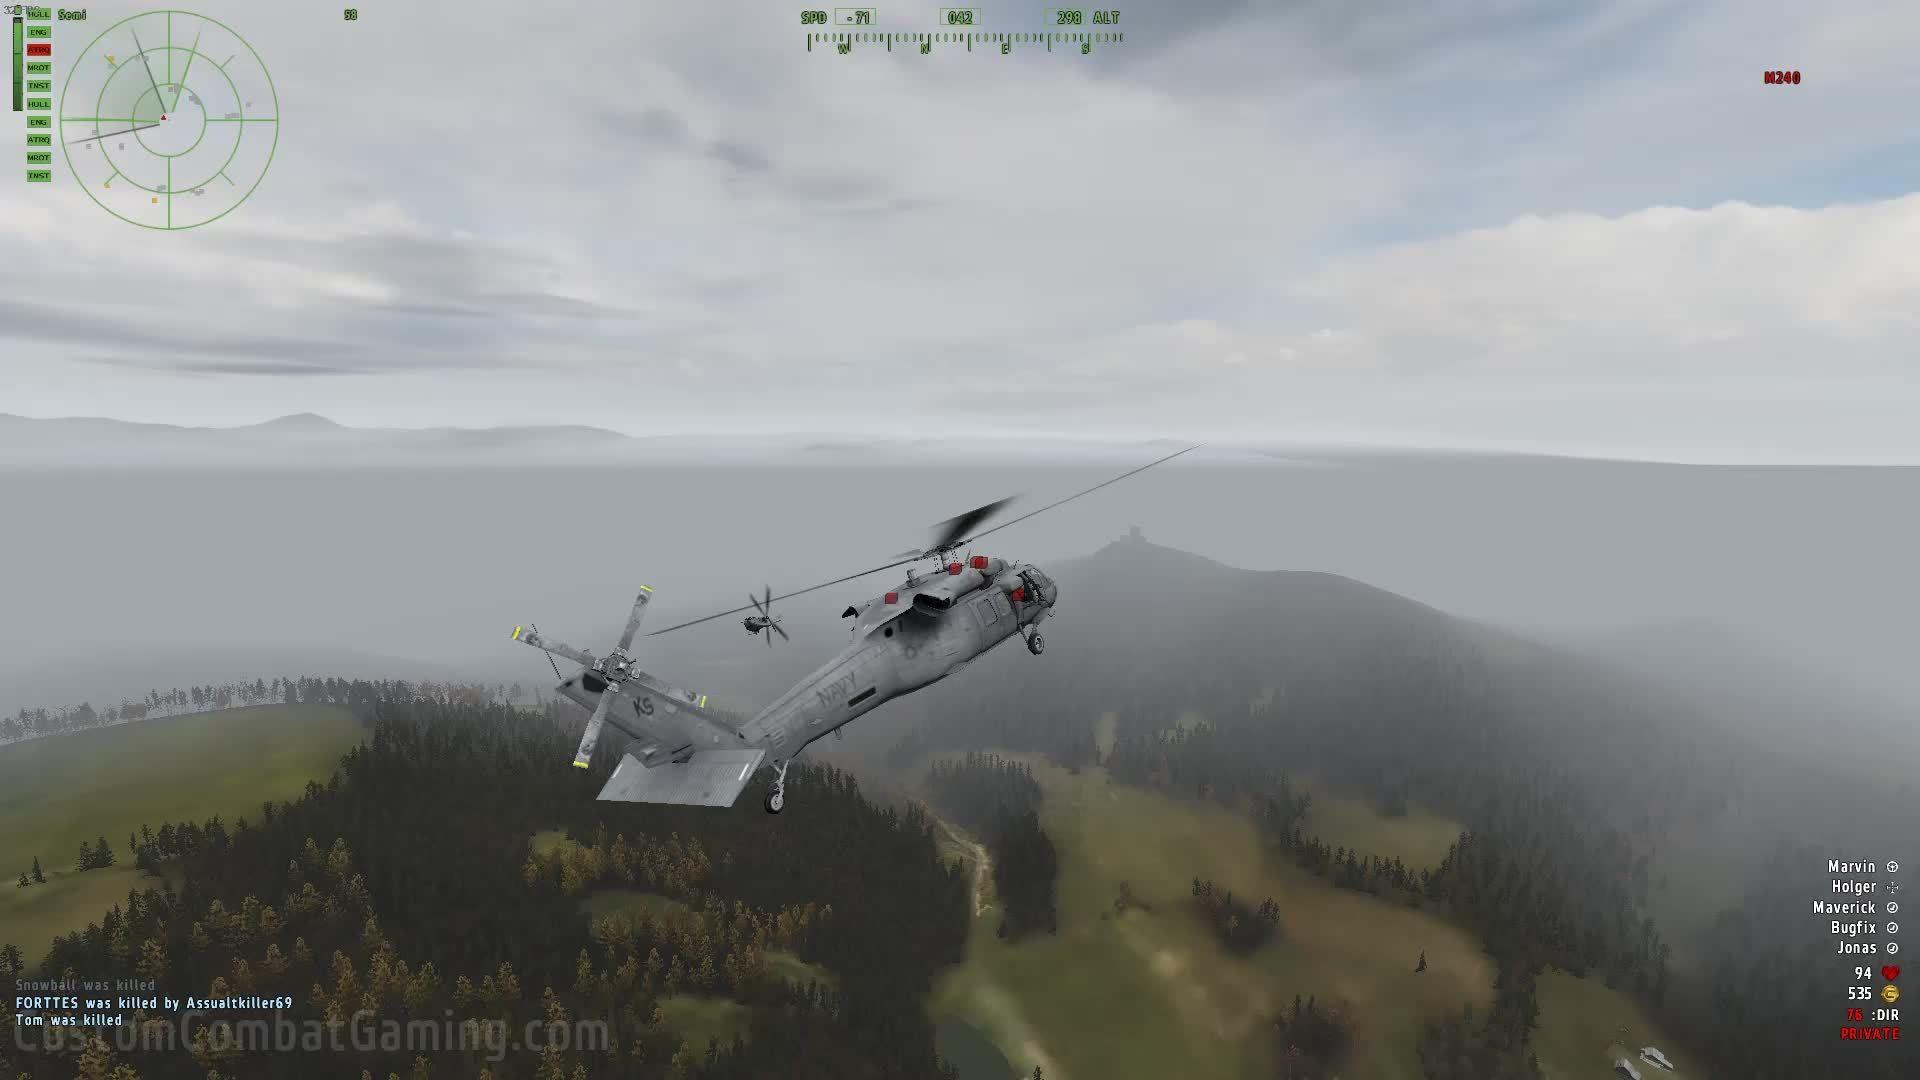 HALO jump? GIFs